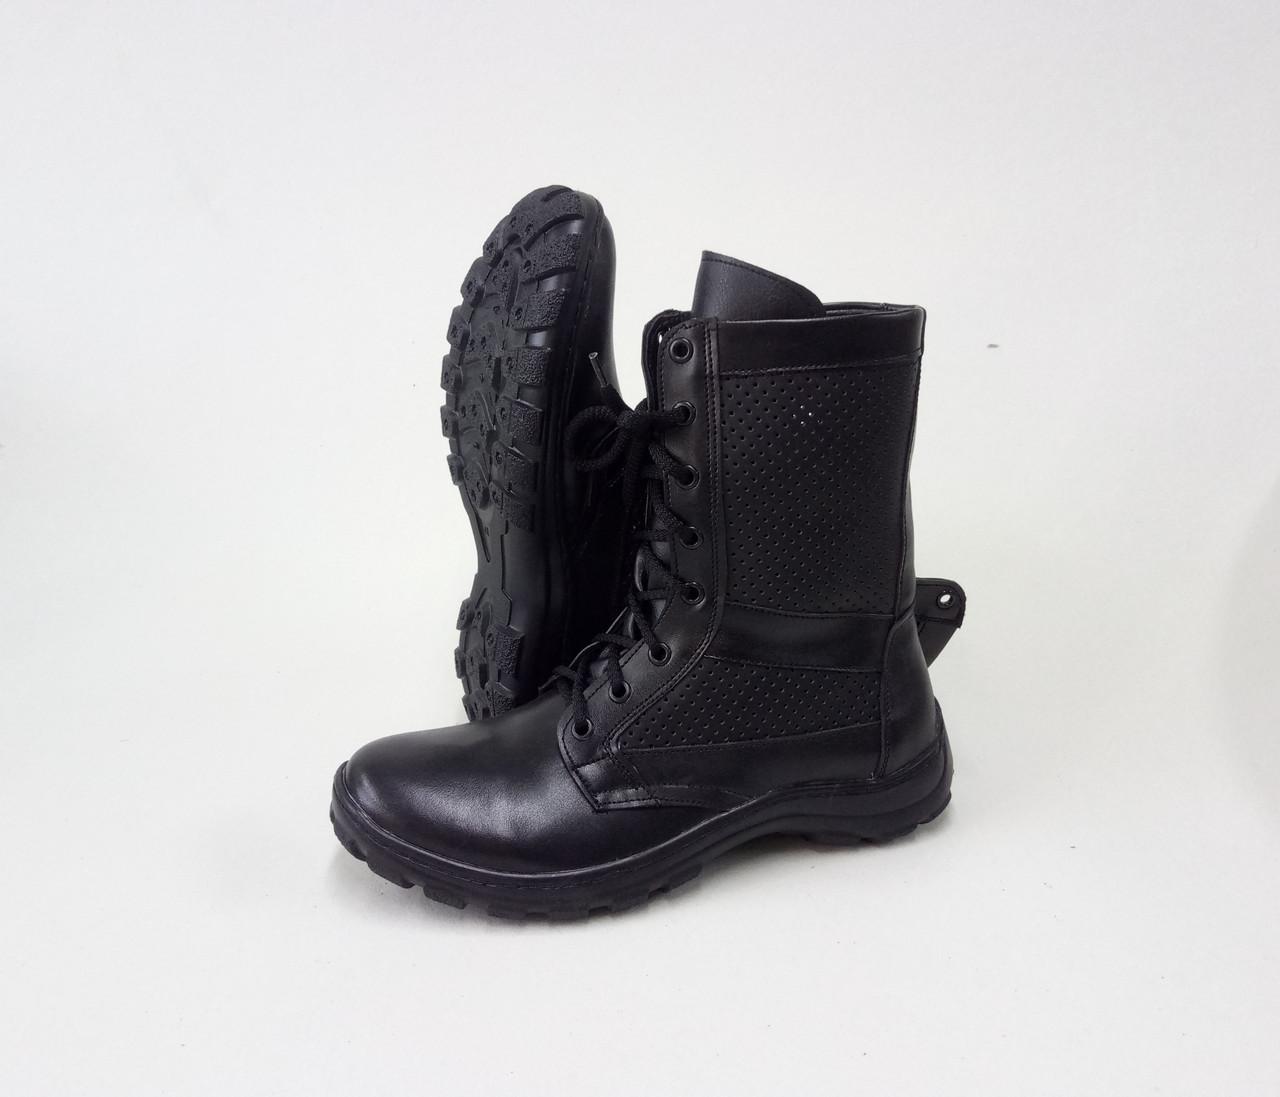 Тактические ботинки из натуральной кожи РА - НАТО Черная перфорация